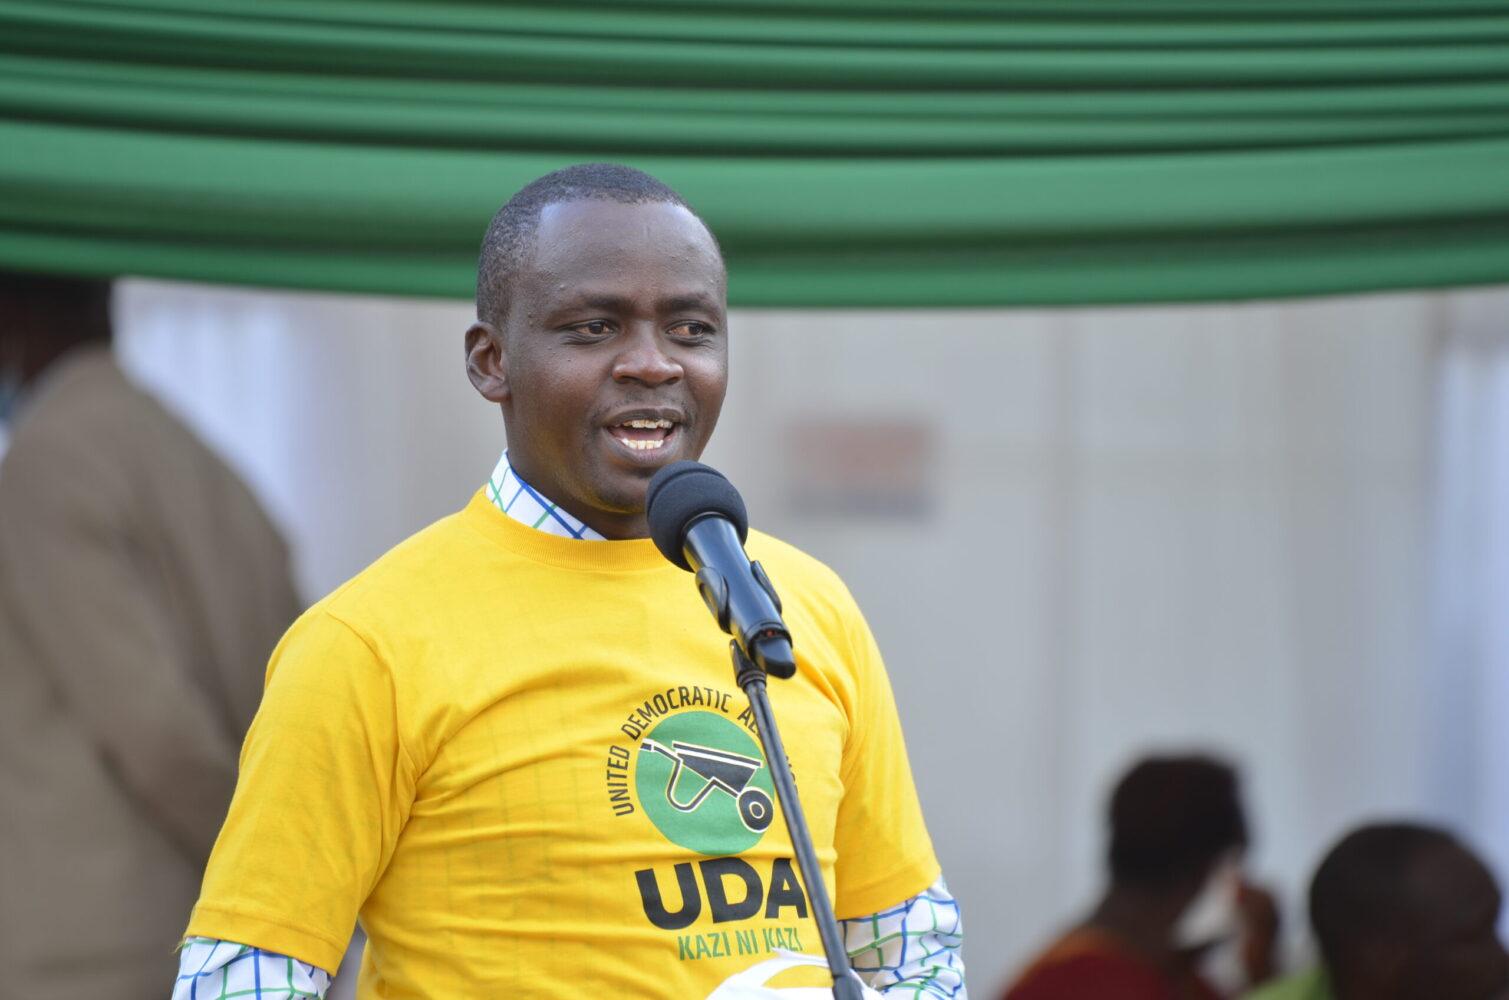 Nzuki Anthony Wachira